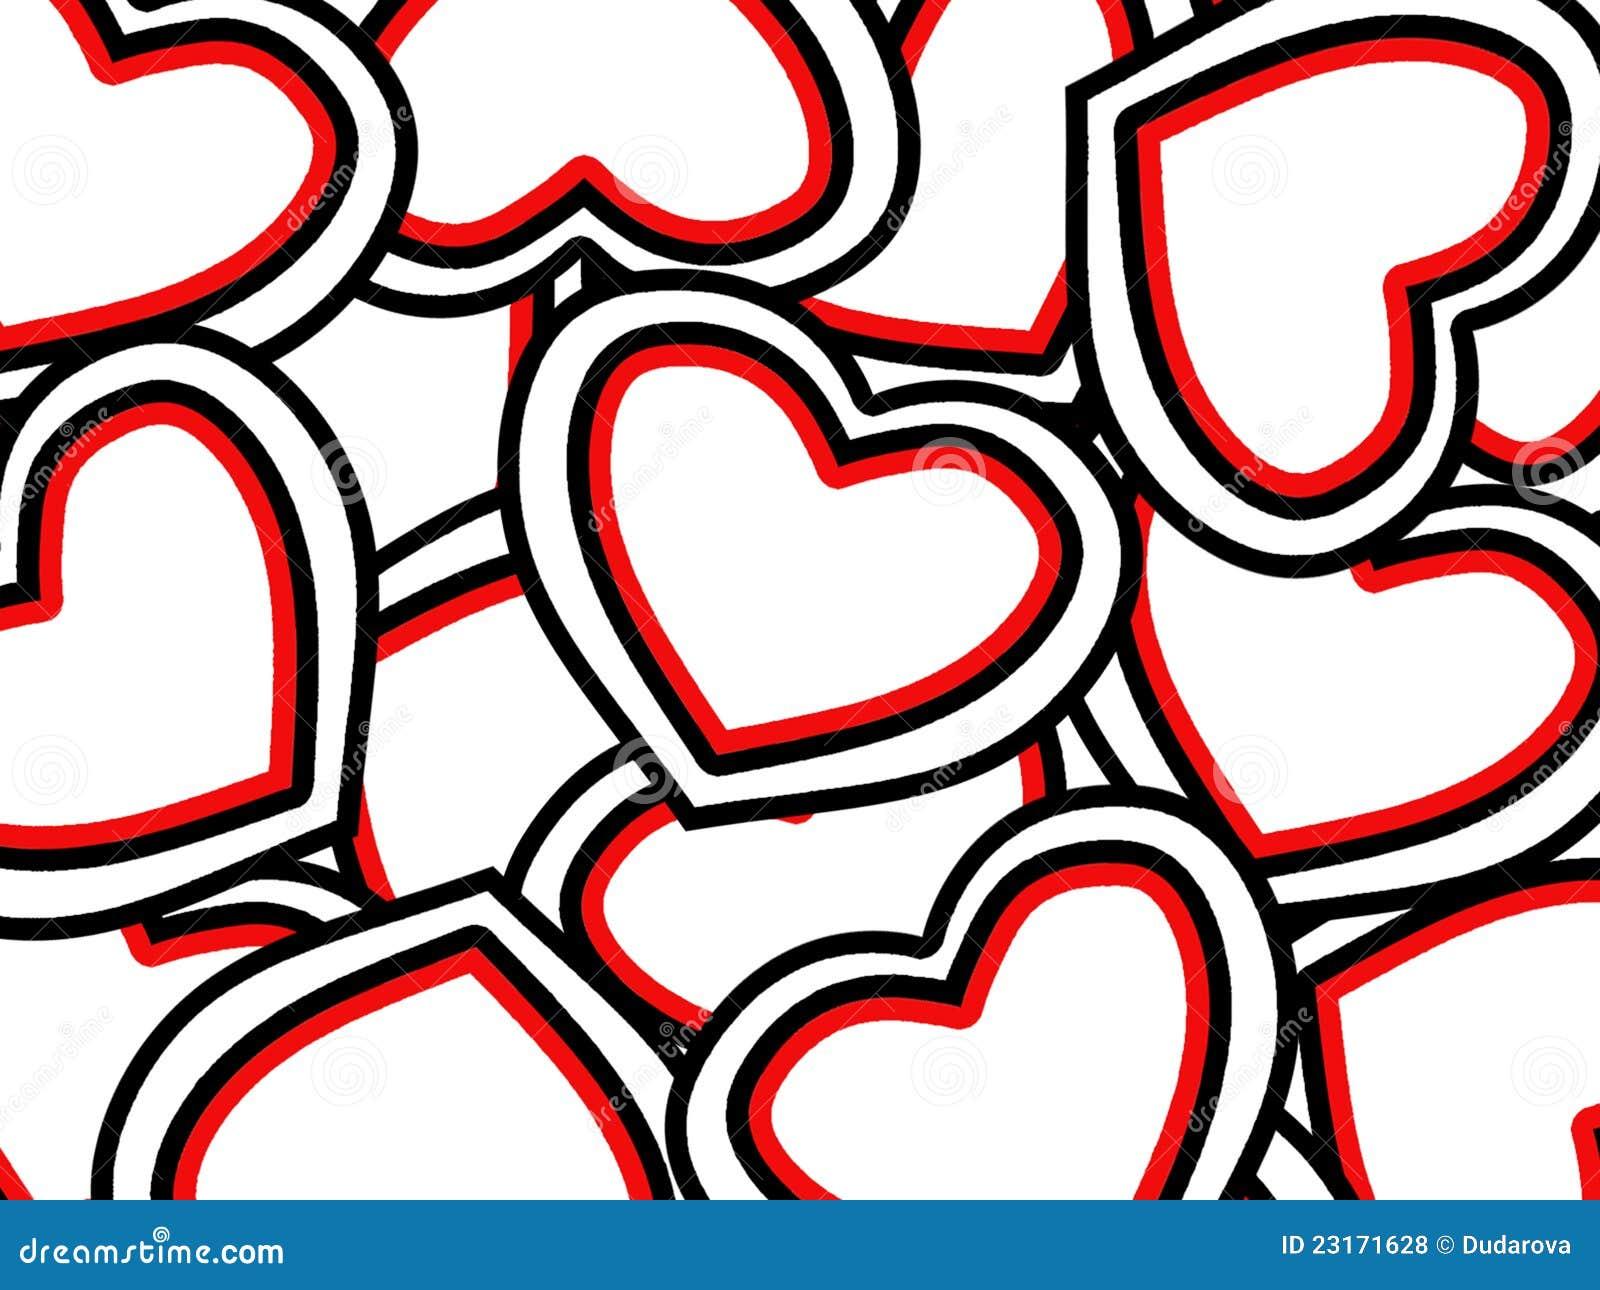 St. Valentines Day background